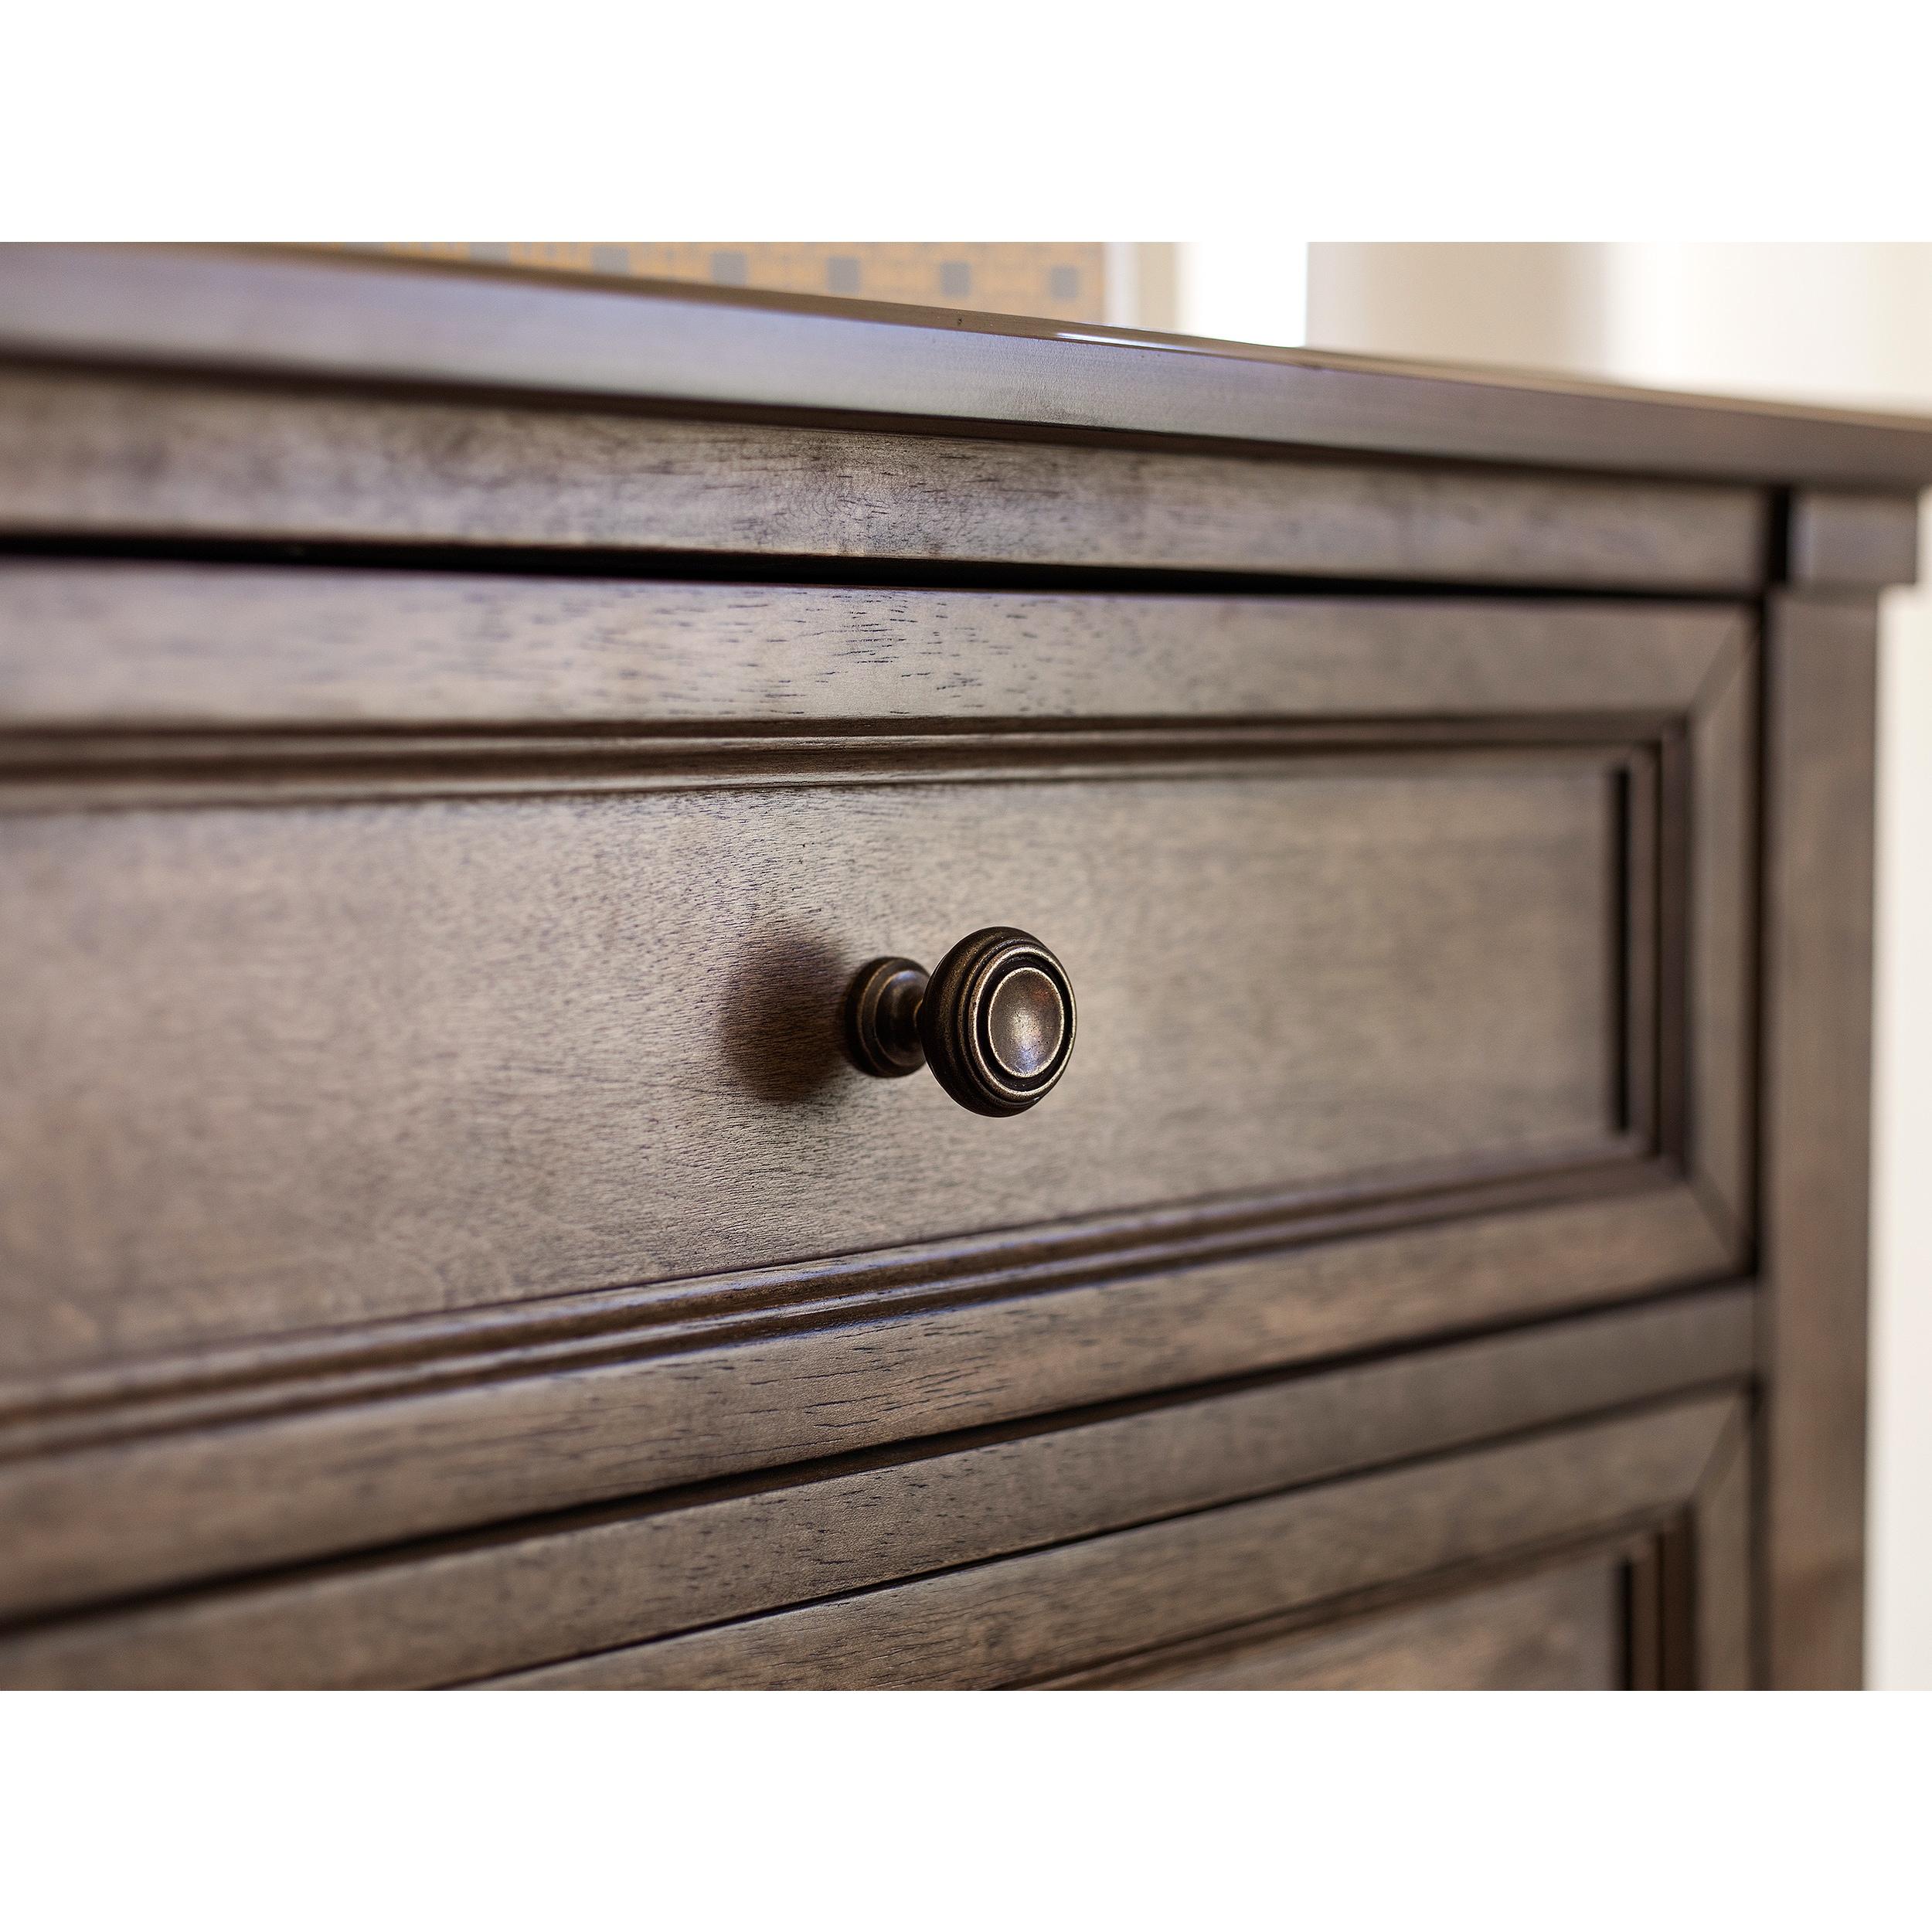 jmdemo design ideas us weathered distressed furniture painted dresser wood